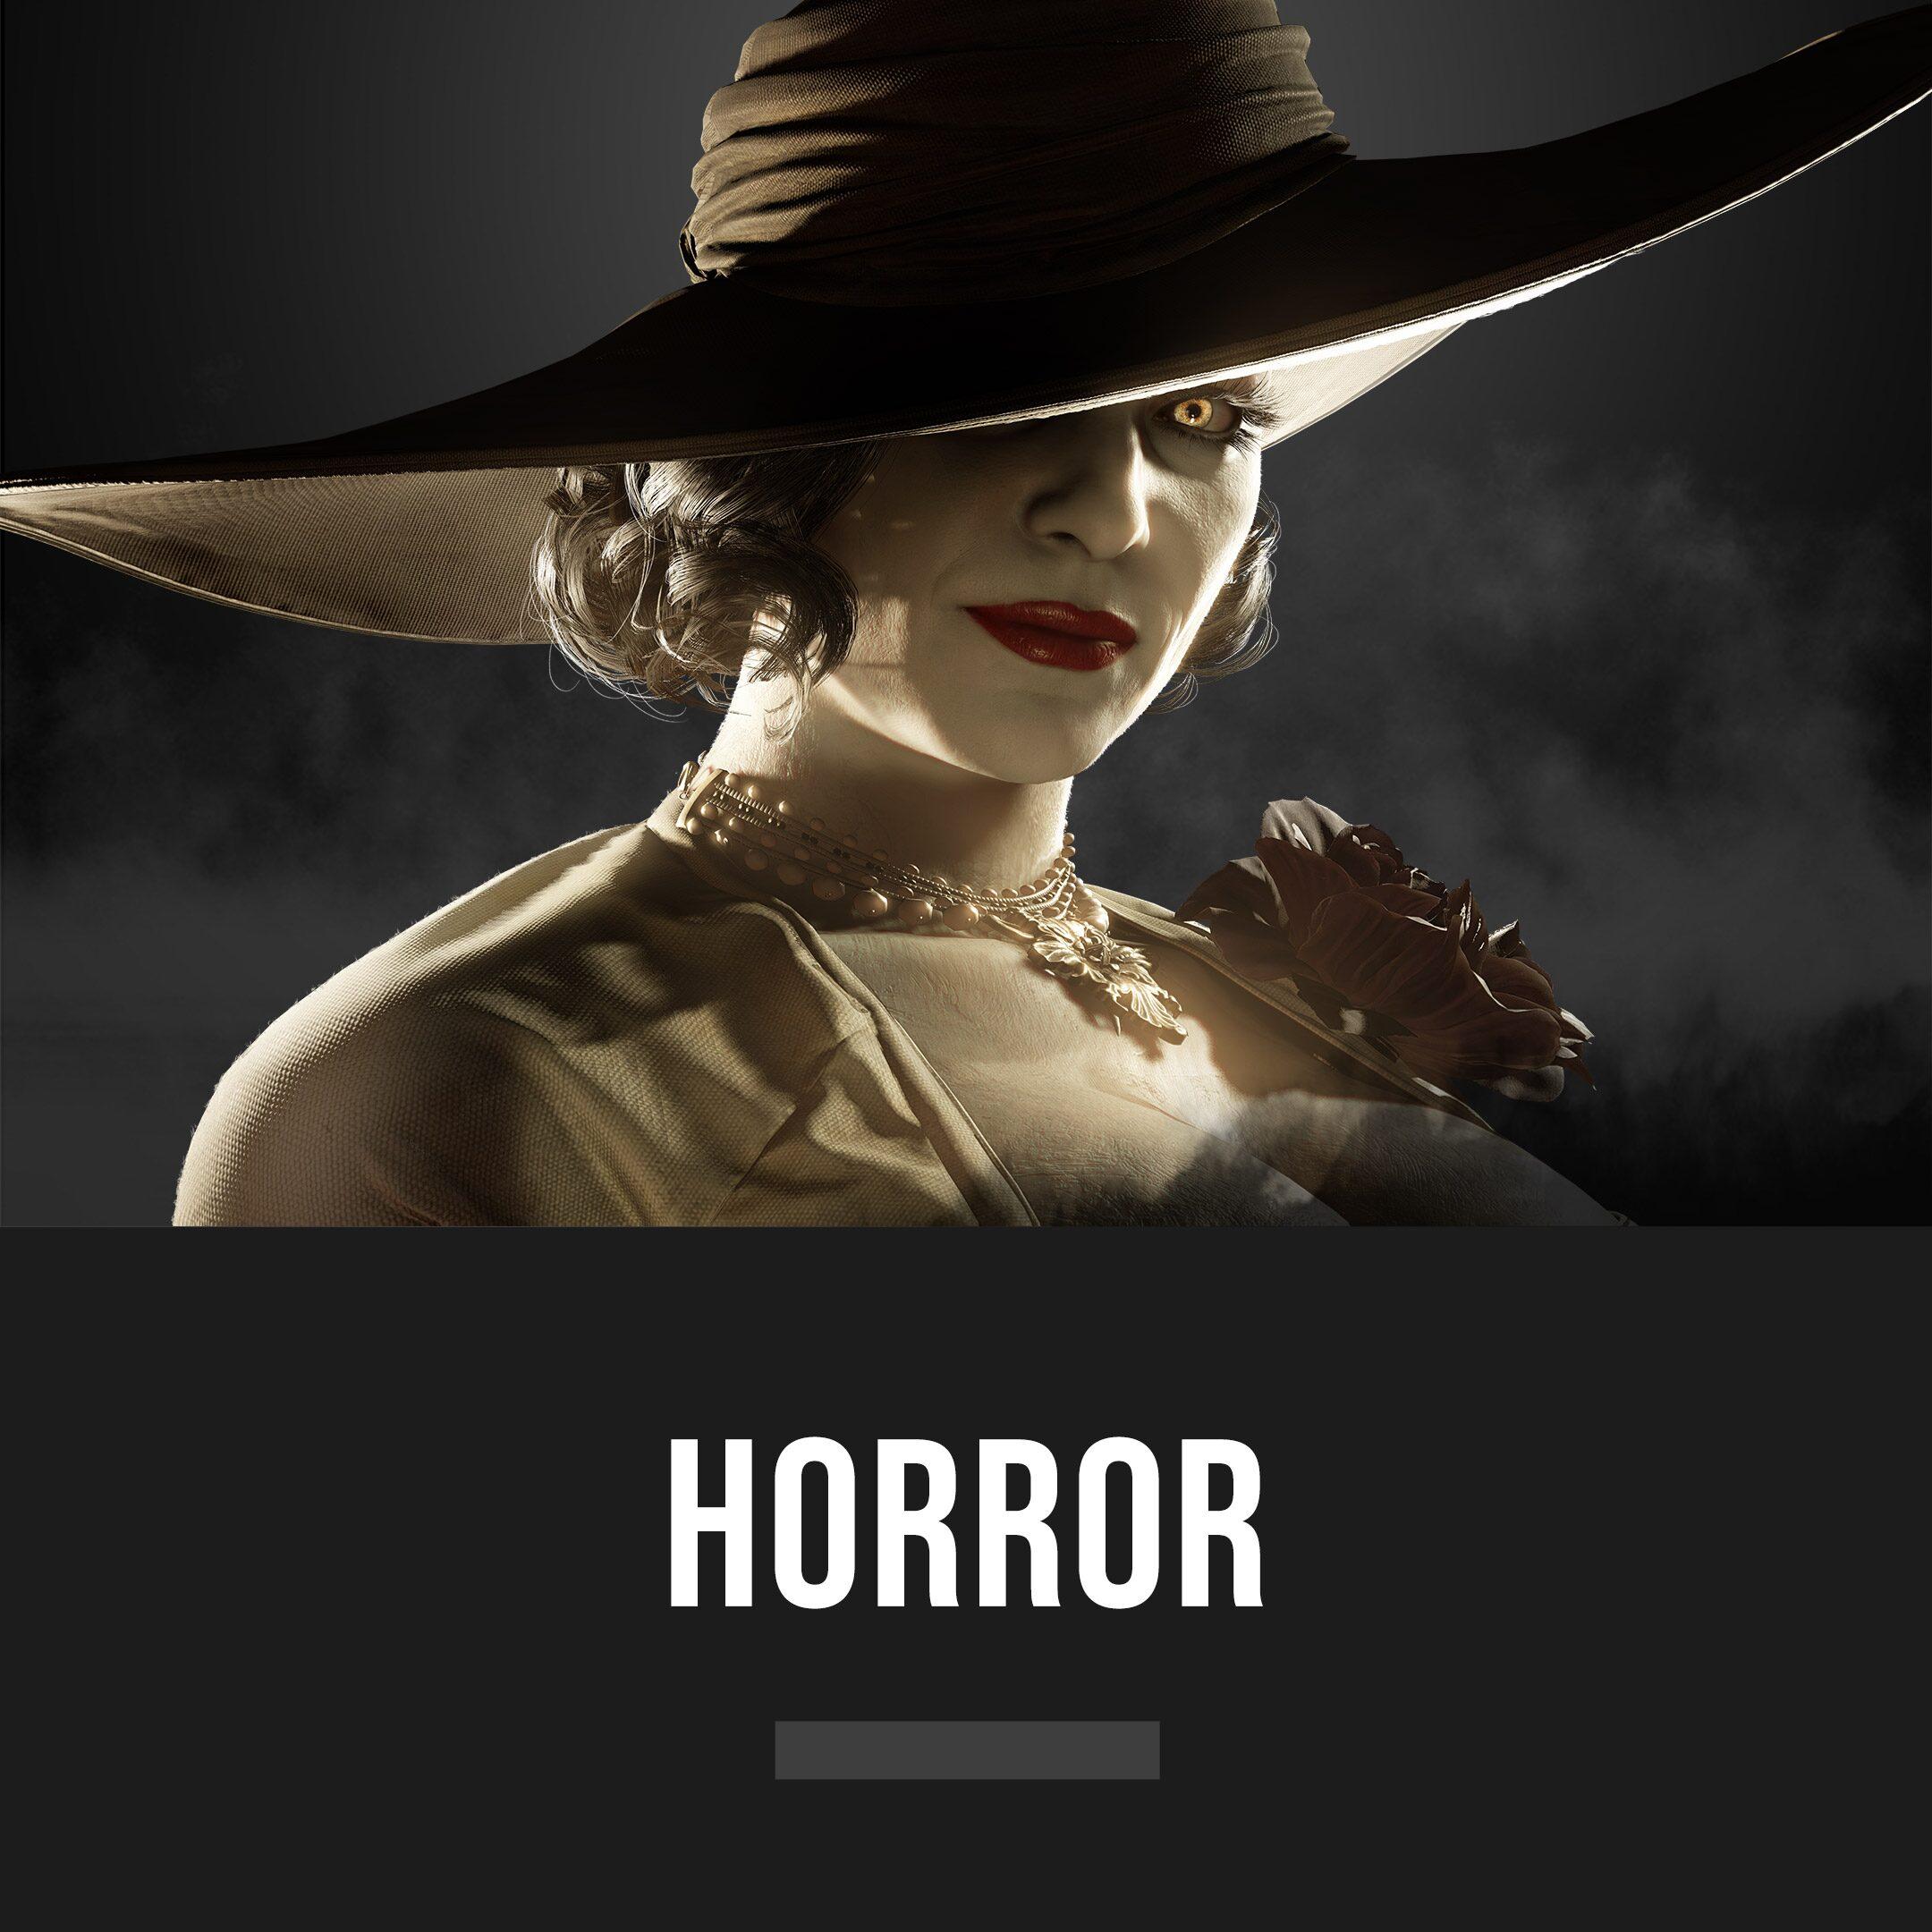 [EDITORIAL] Horror202105 ColorTab S26